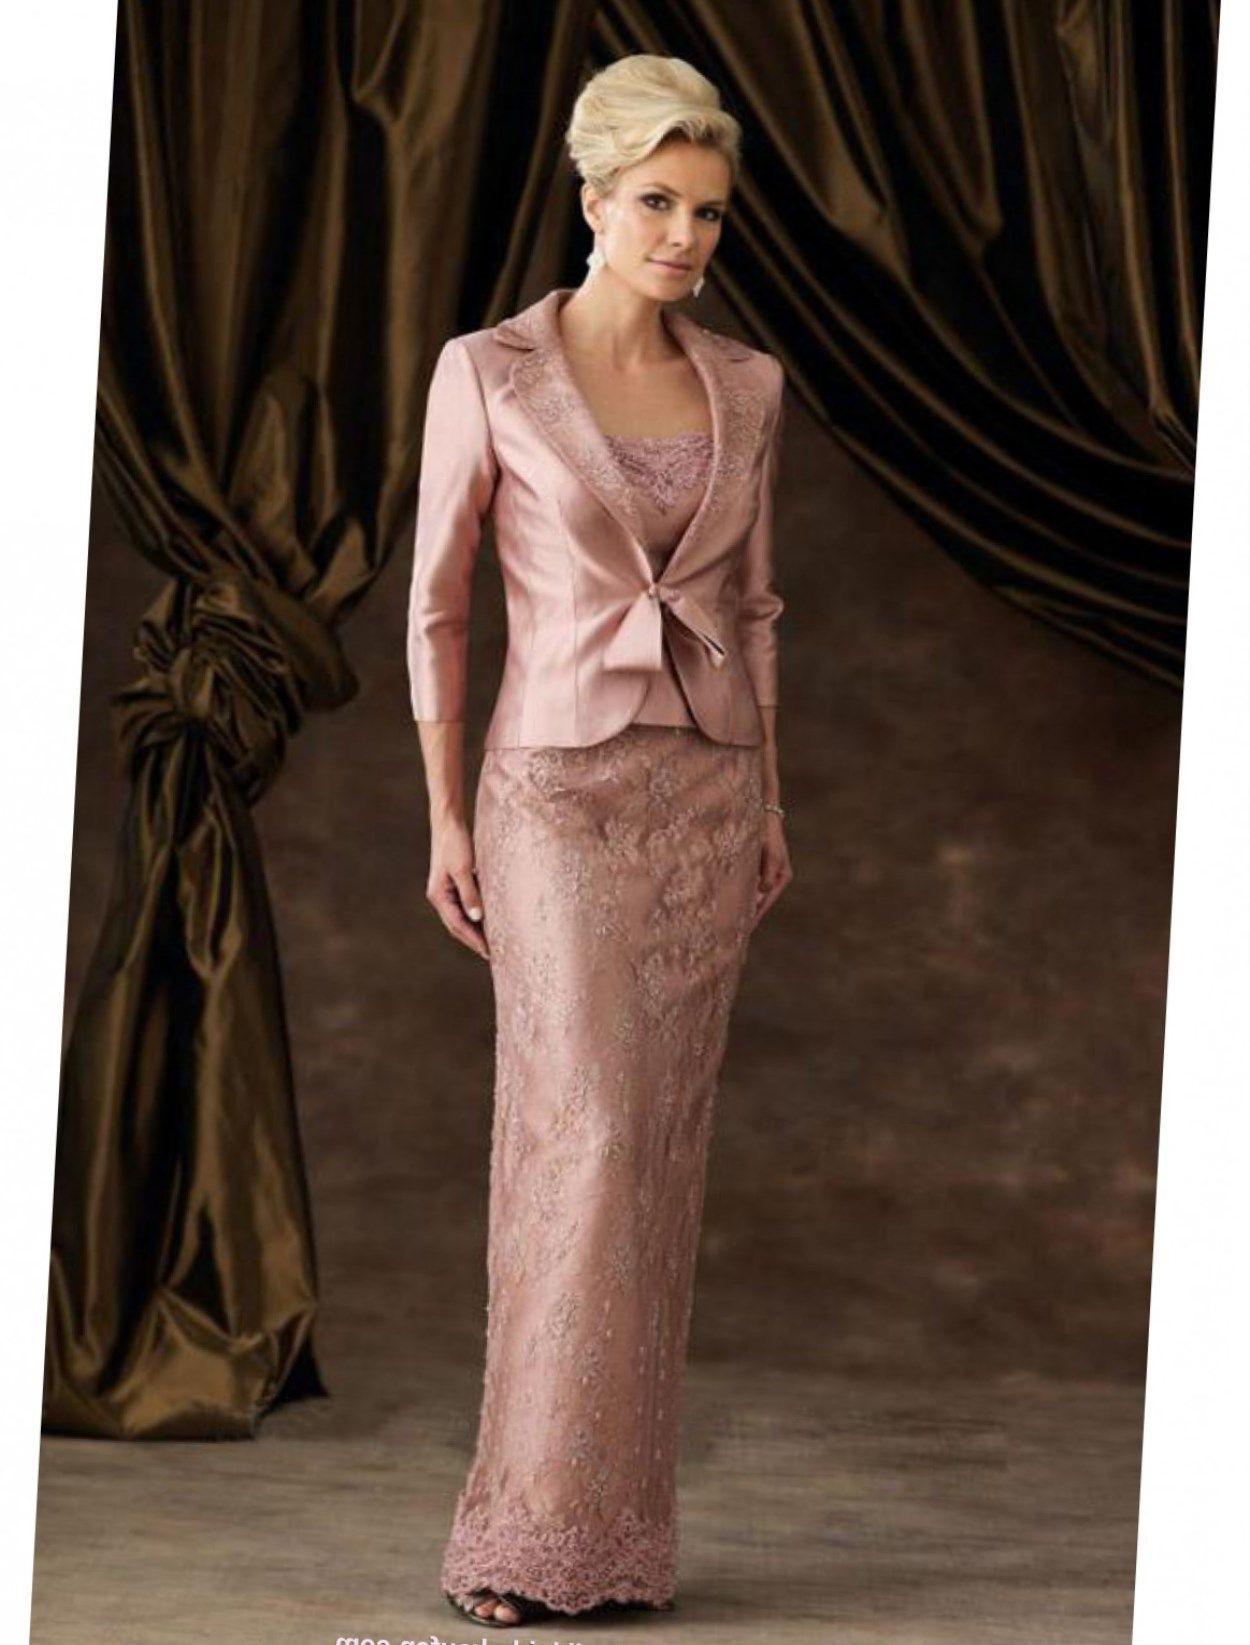 Abend Fantastisch Kleider Für Ältere Damen für 2019Designer Ausgezeichnet Kleider Für Ältere Damen Spezialgebiet